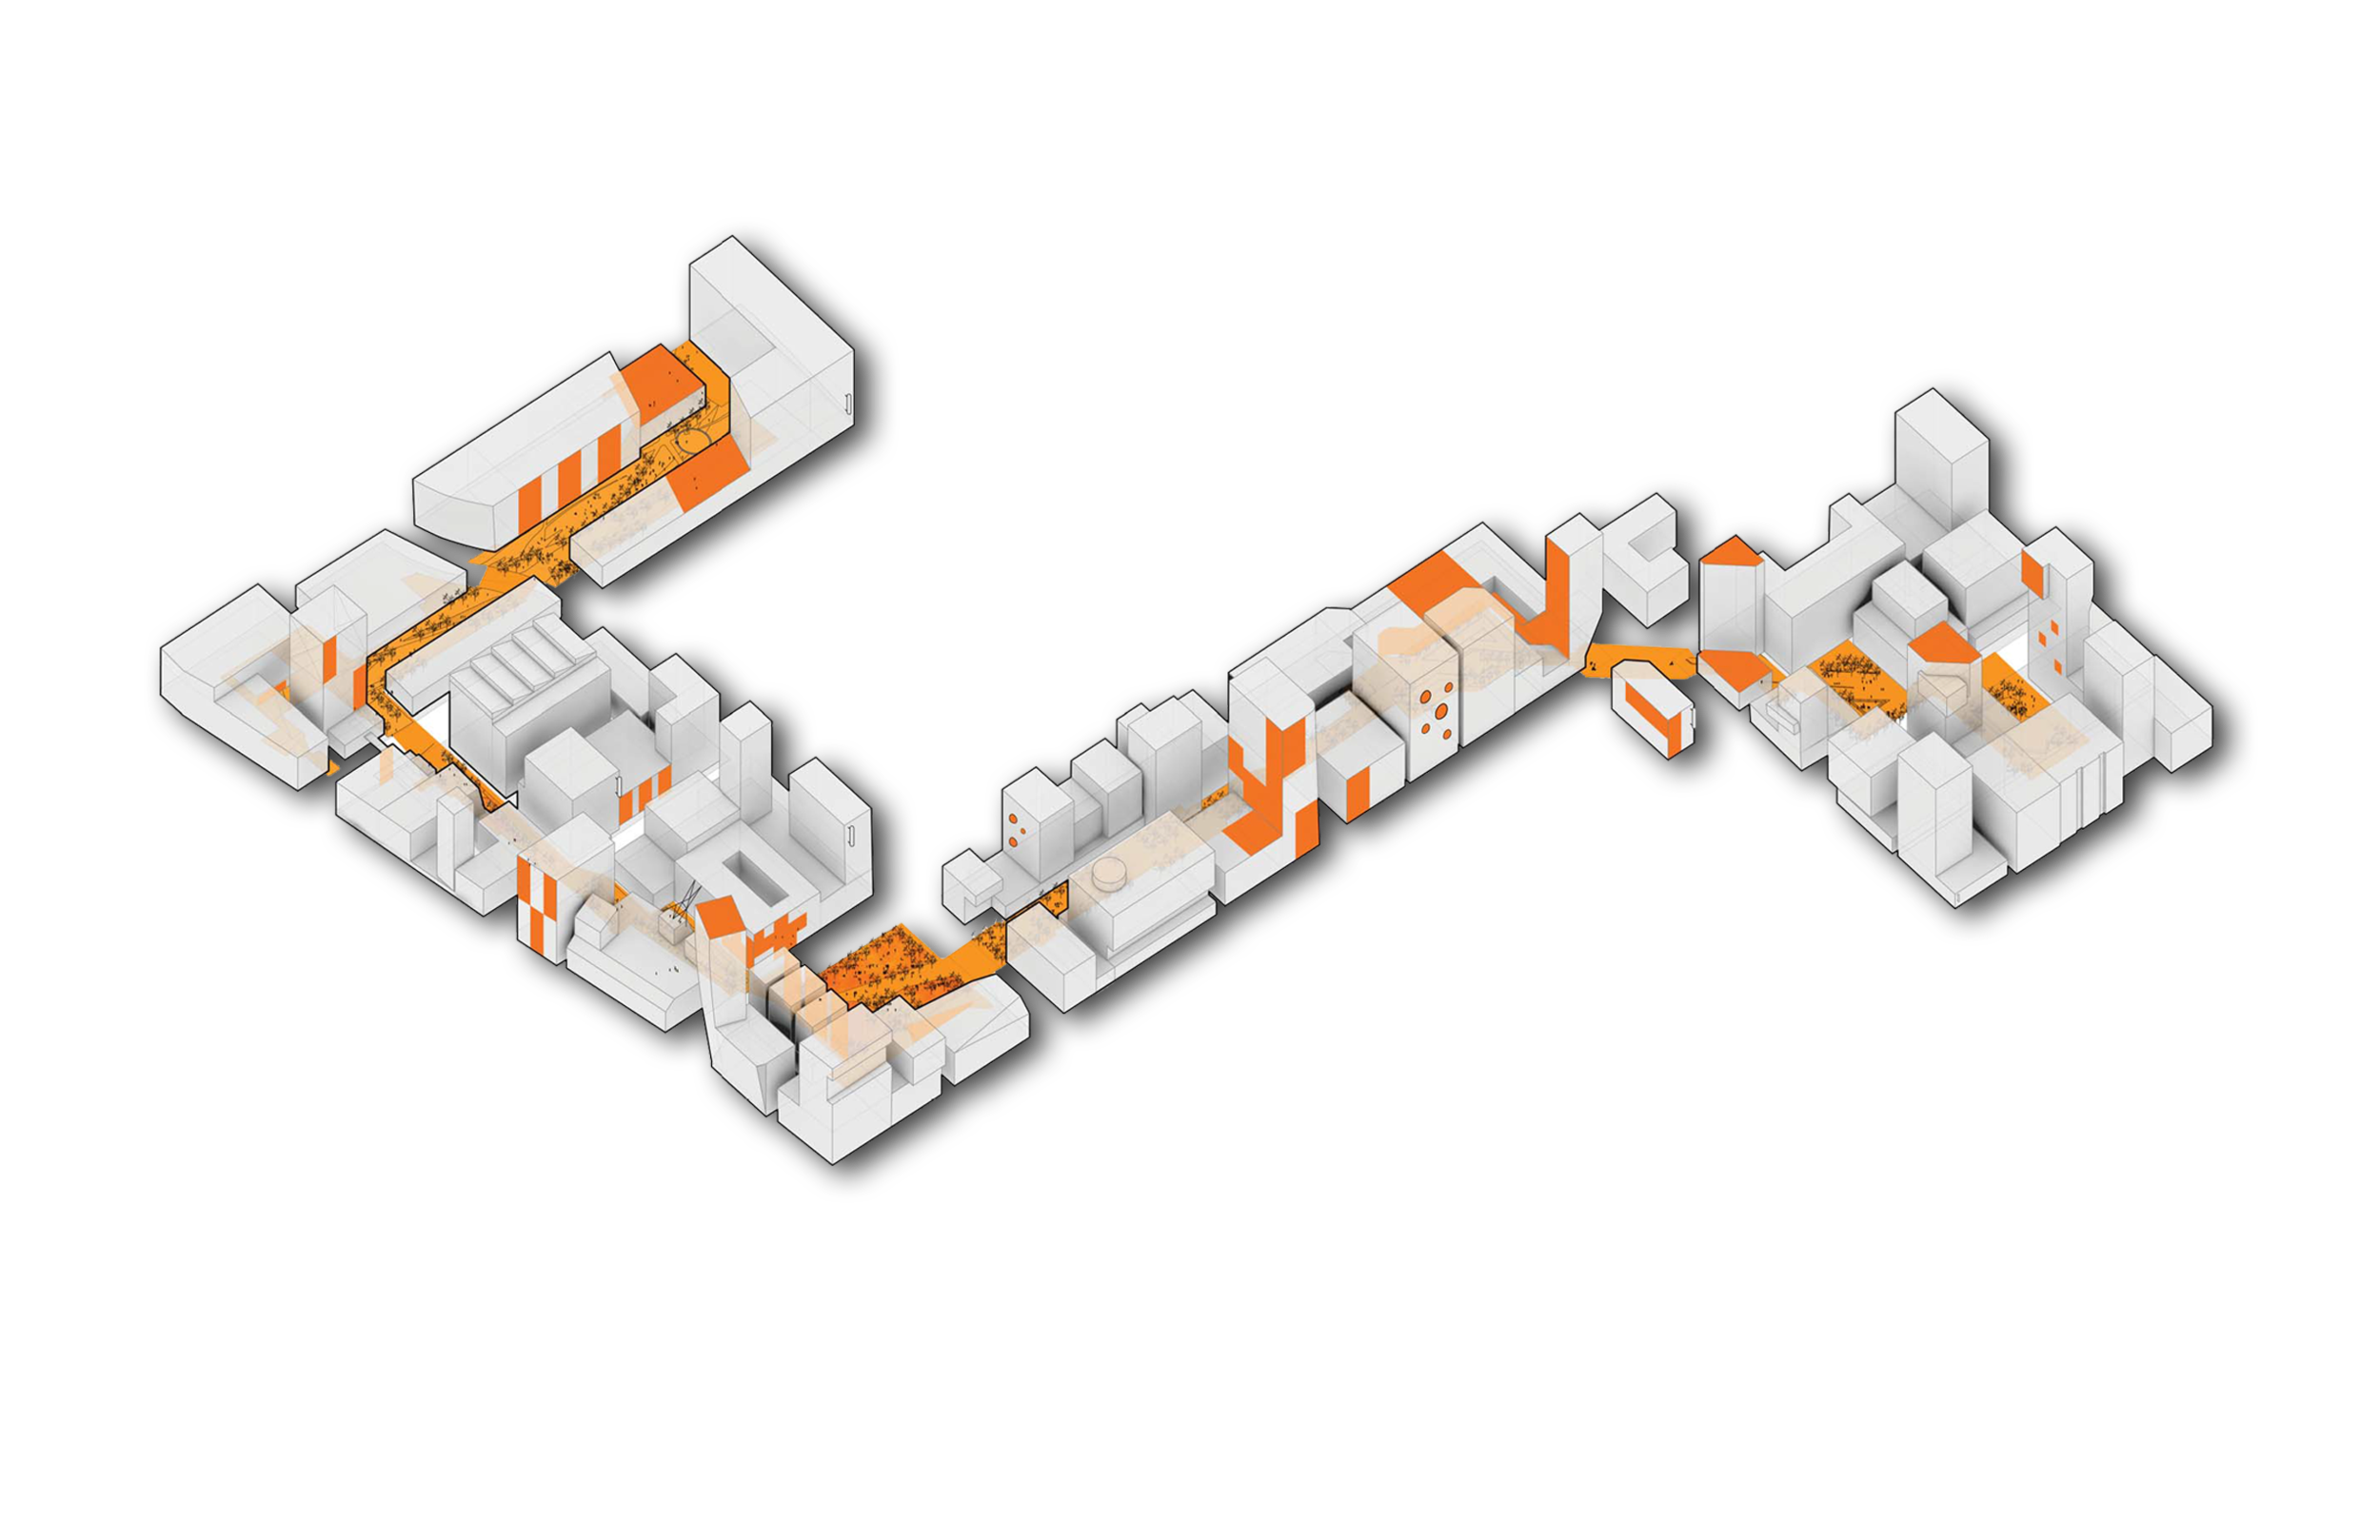 Axonometric View